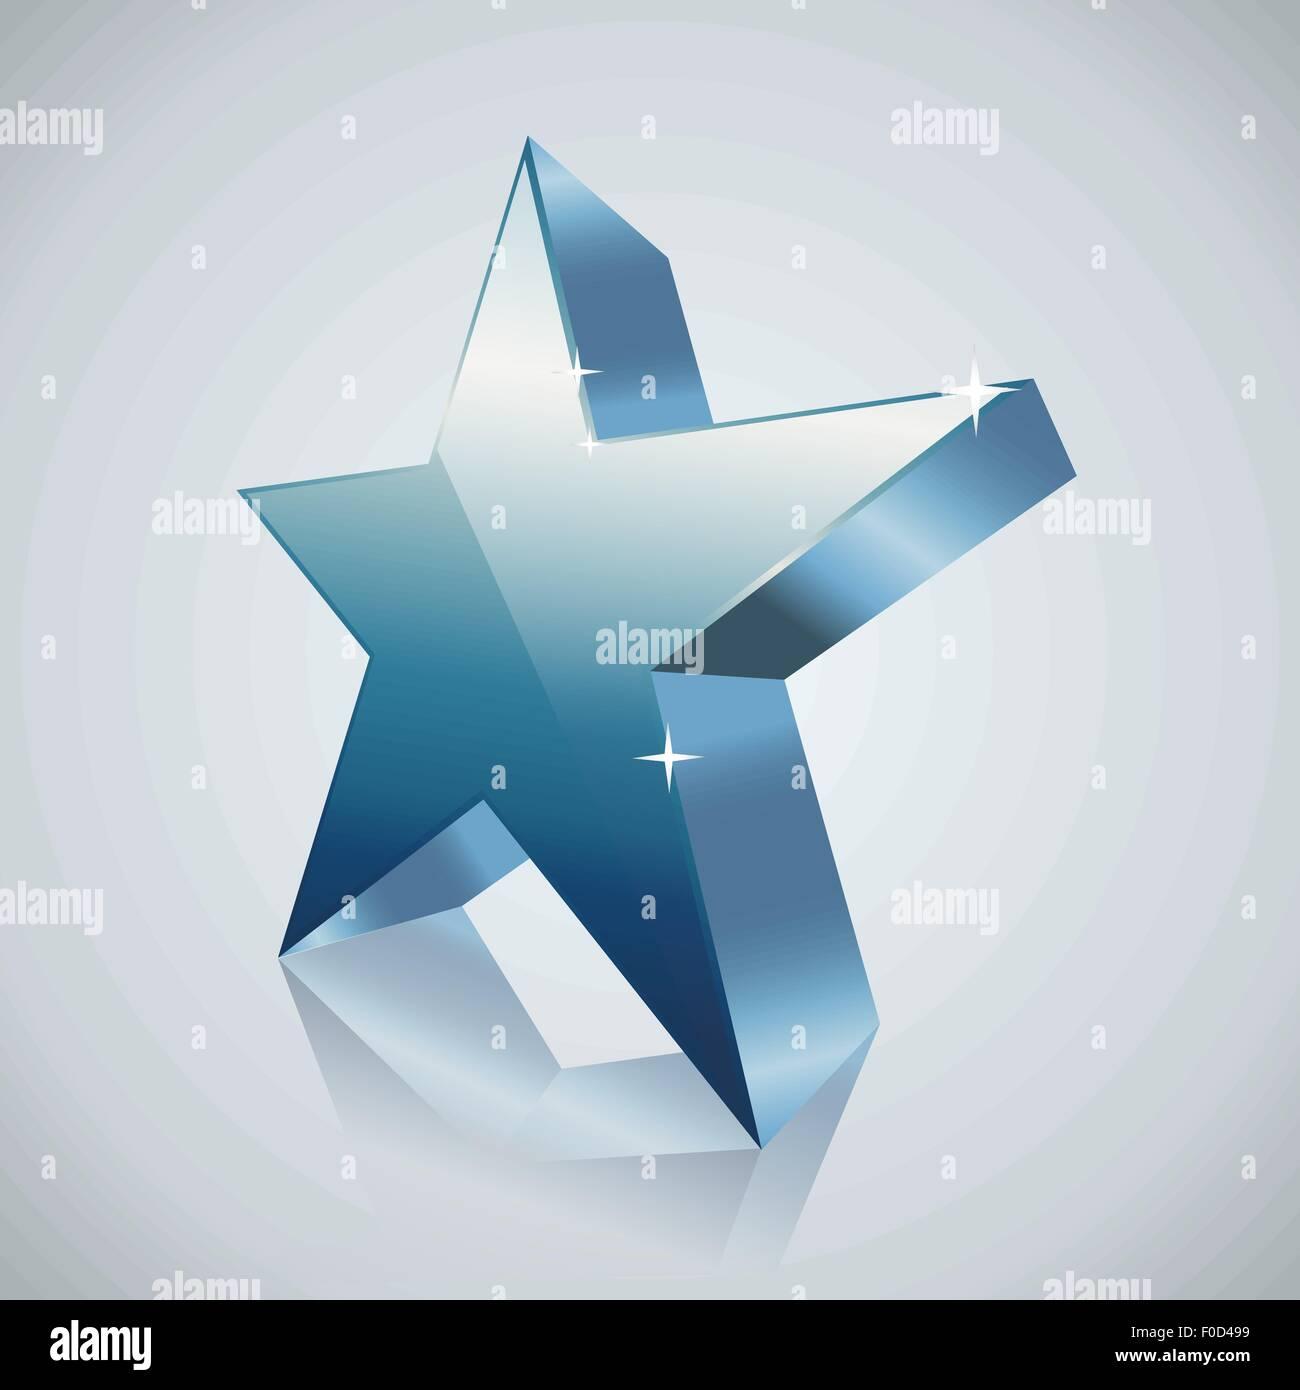 Blue star avec réflexion Photo Stock